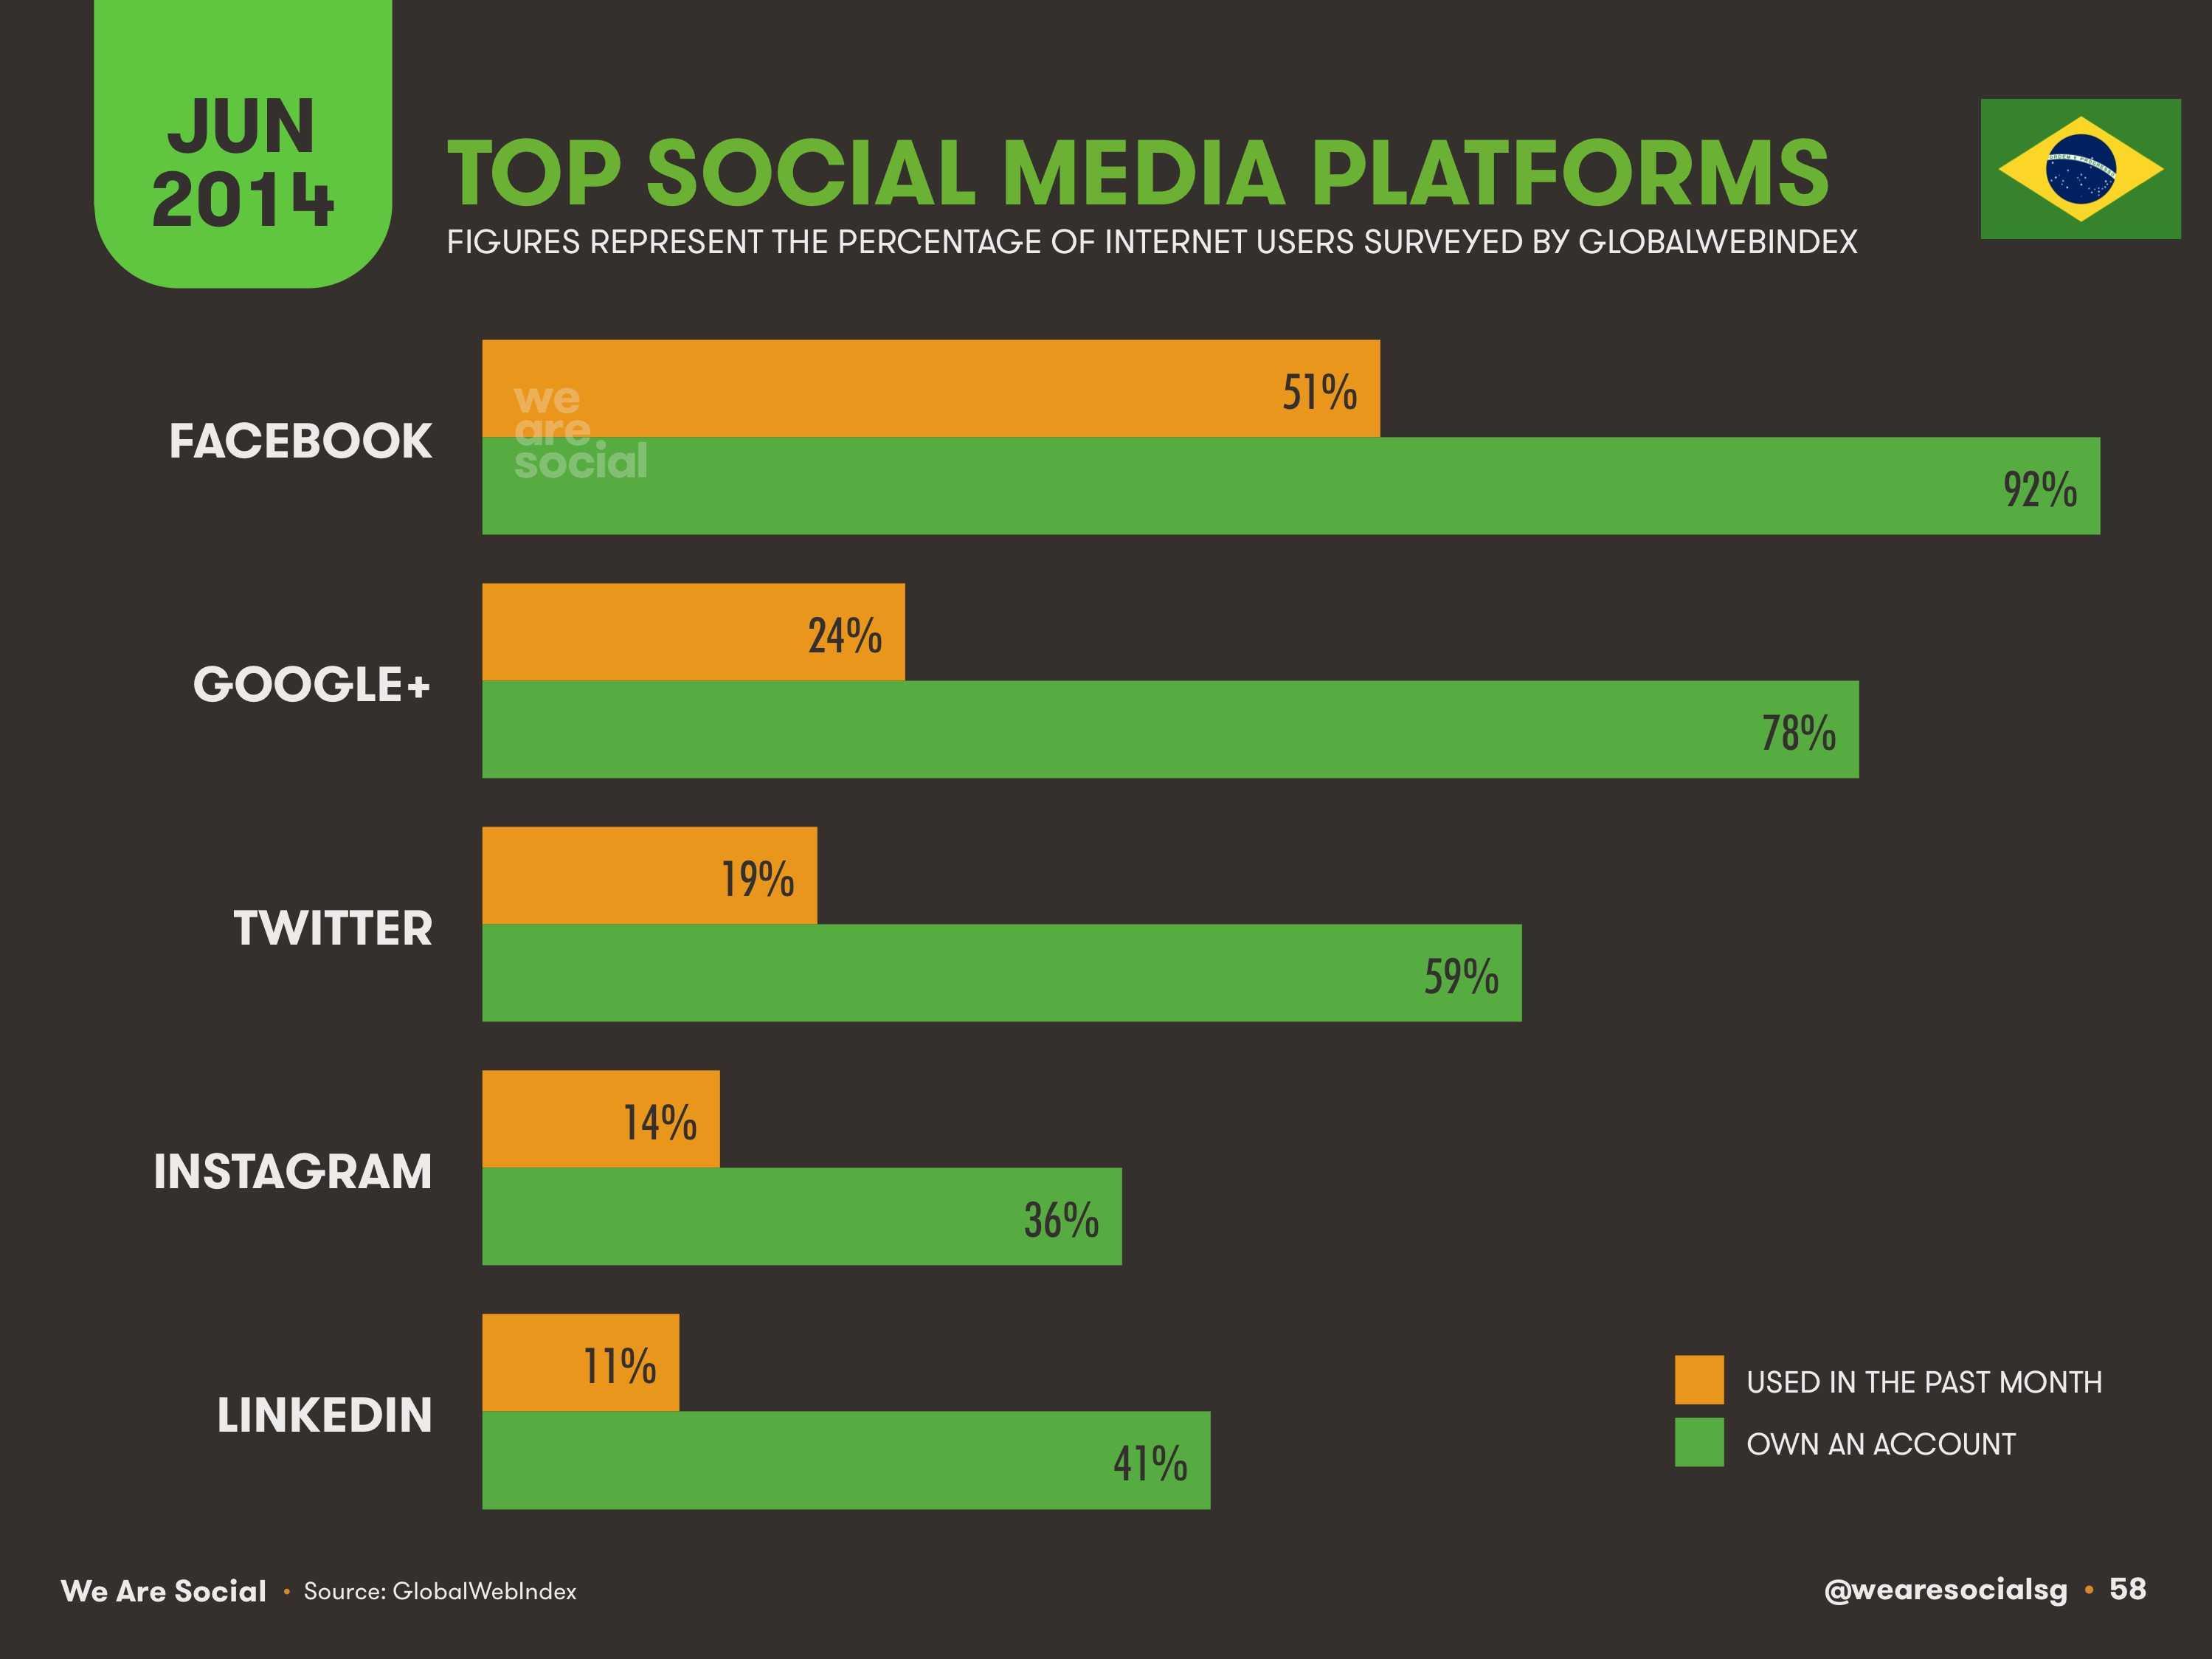 58-Top-Social-Platforms-in-Brazil-2014-We-Are-Social-1